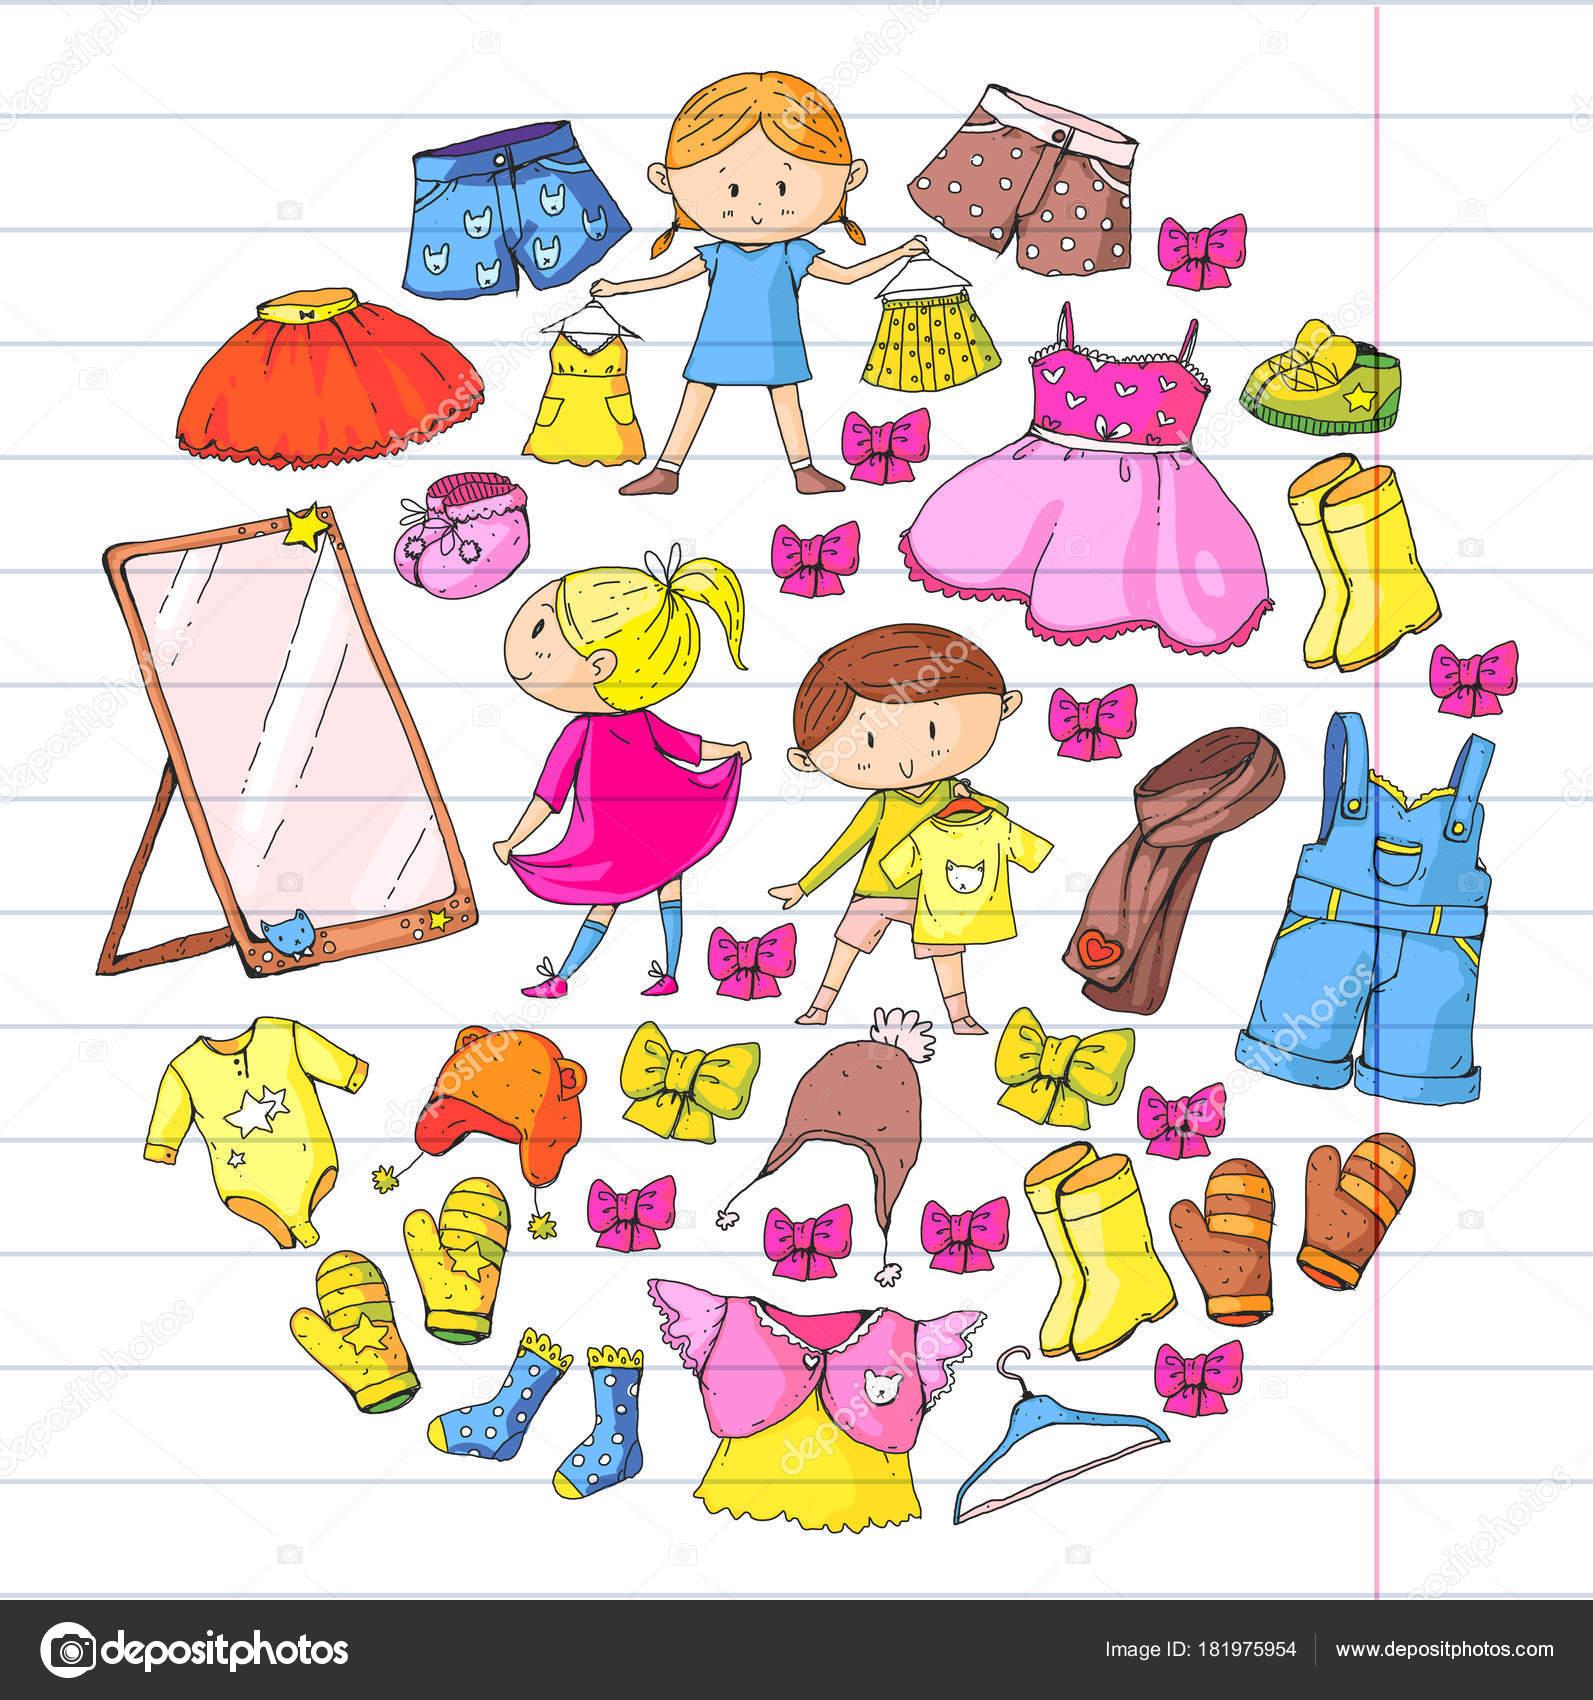 Bambini scuola dell infanzia bambini e bambine con i vestiti nuovi  abbigliamento collezione abbigliamento abiti eda1d6b6e56